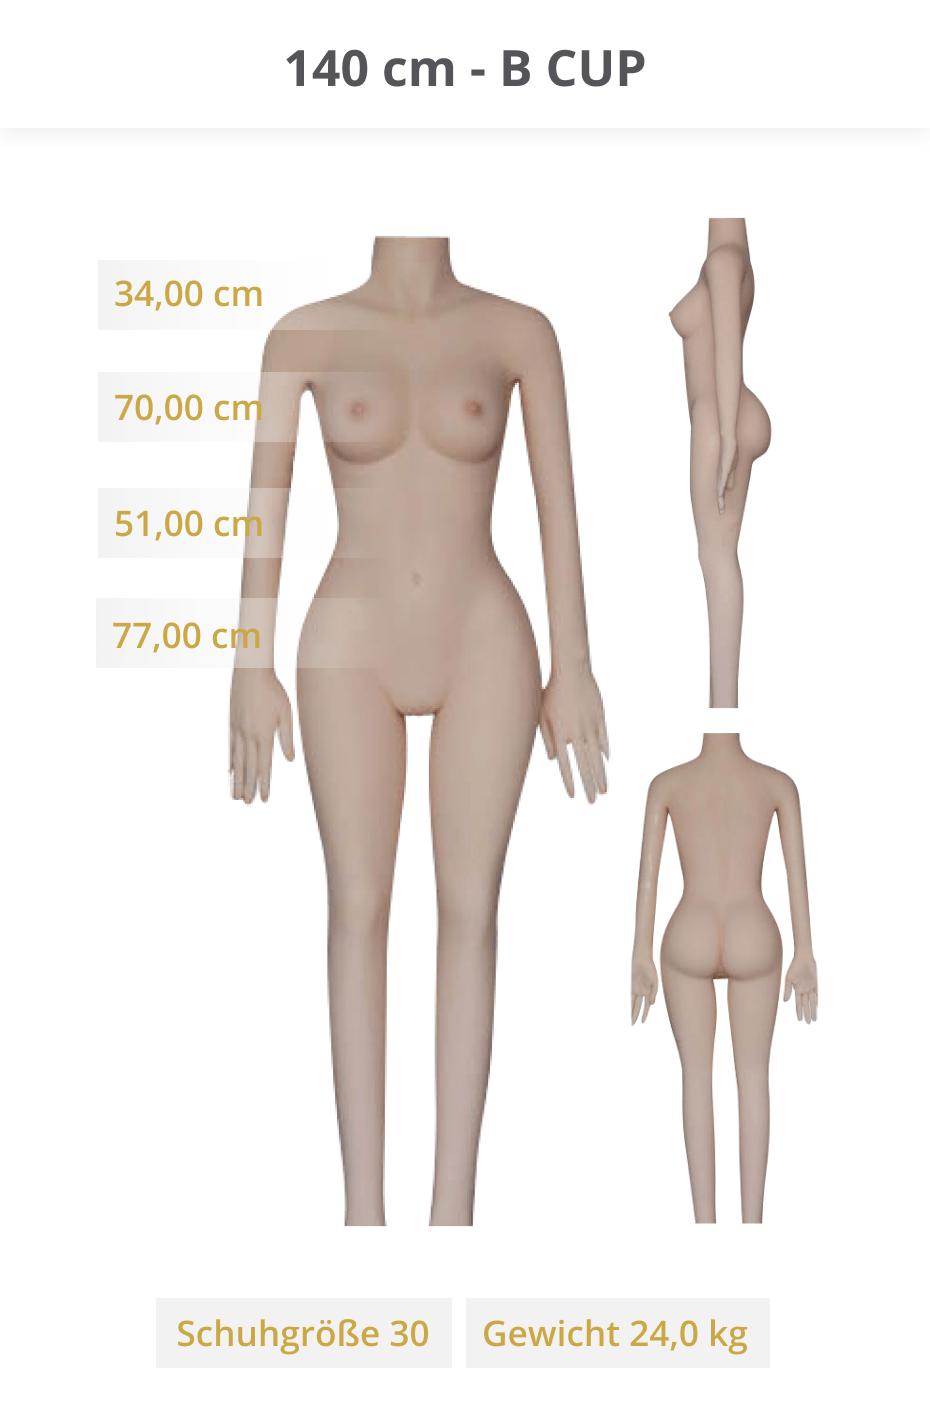 JY-Doll-140-cm-B-CUP